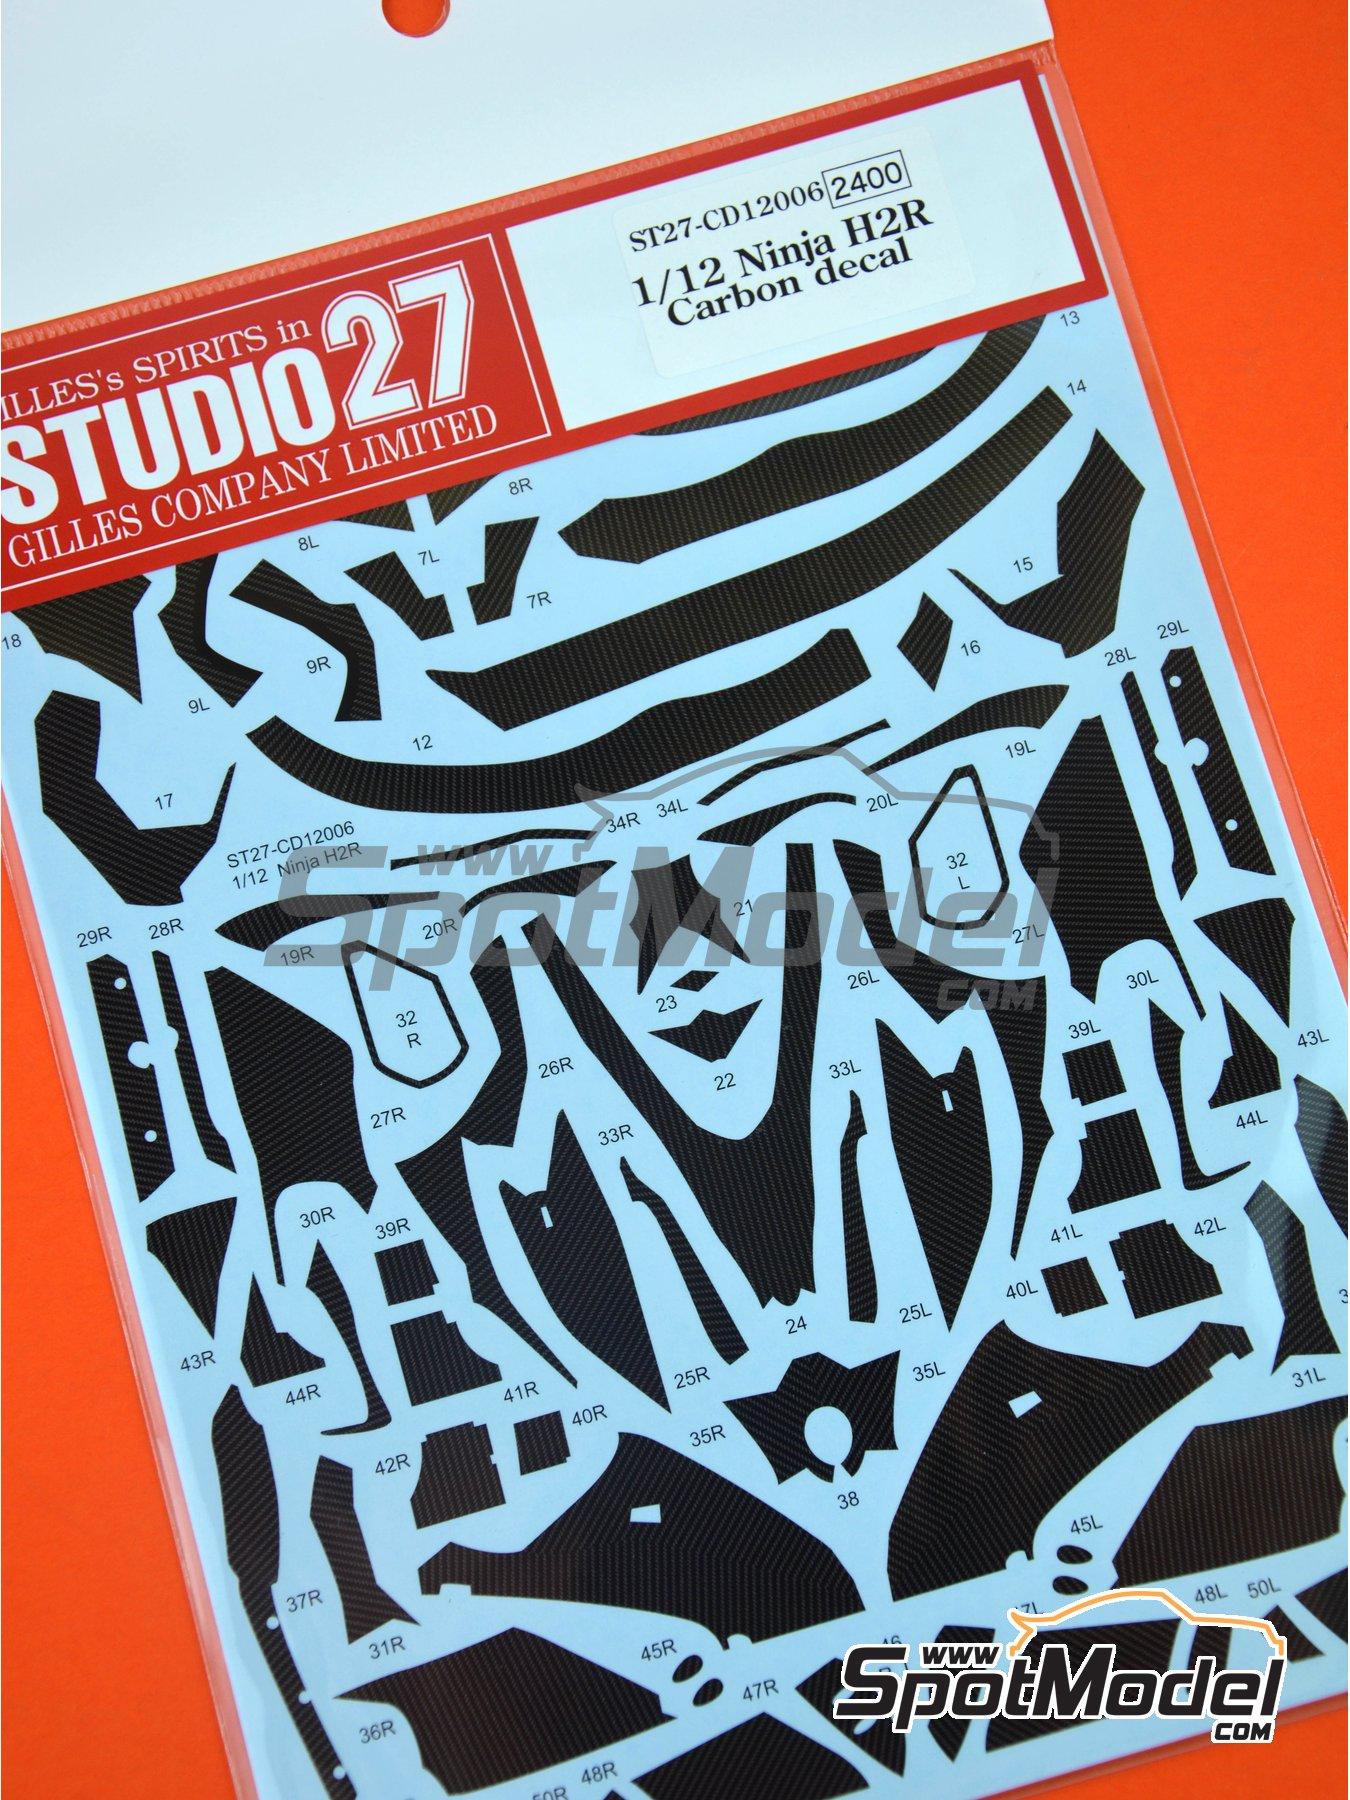 Kawasaki Ninja H2R | Patron de fibra de carbono en calca en escala1/12 fabricado por Studio27 (ref.ST27-CD12006) image